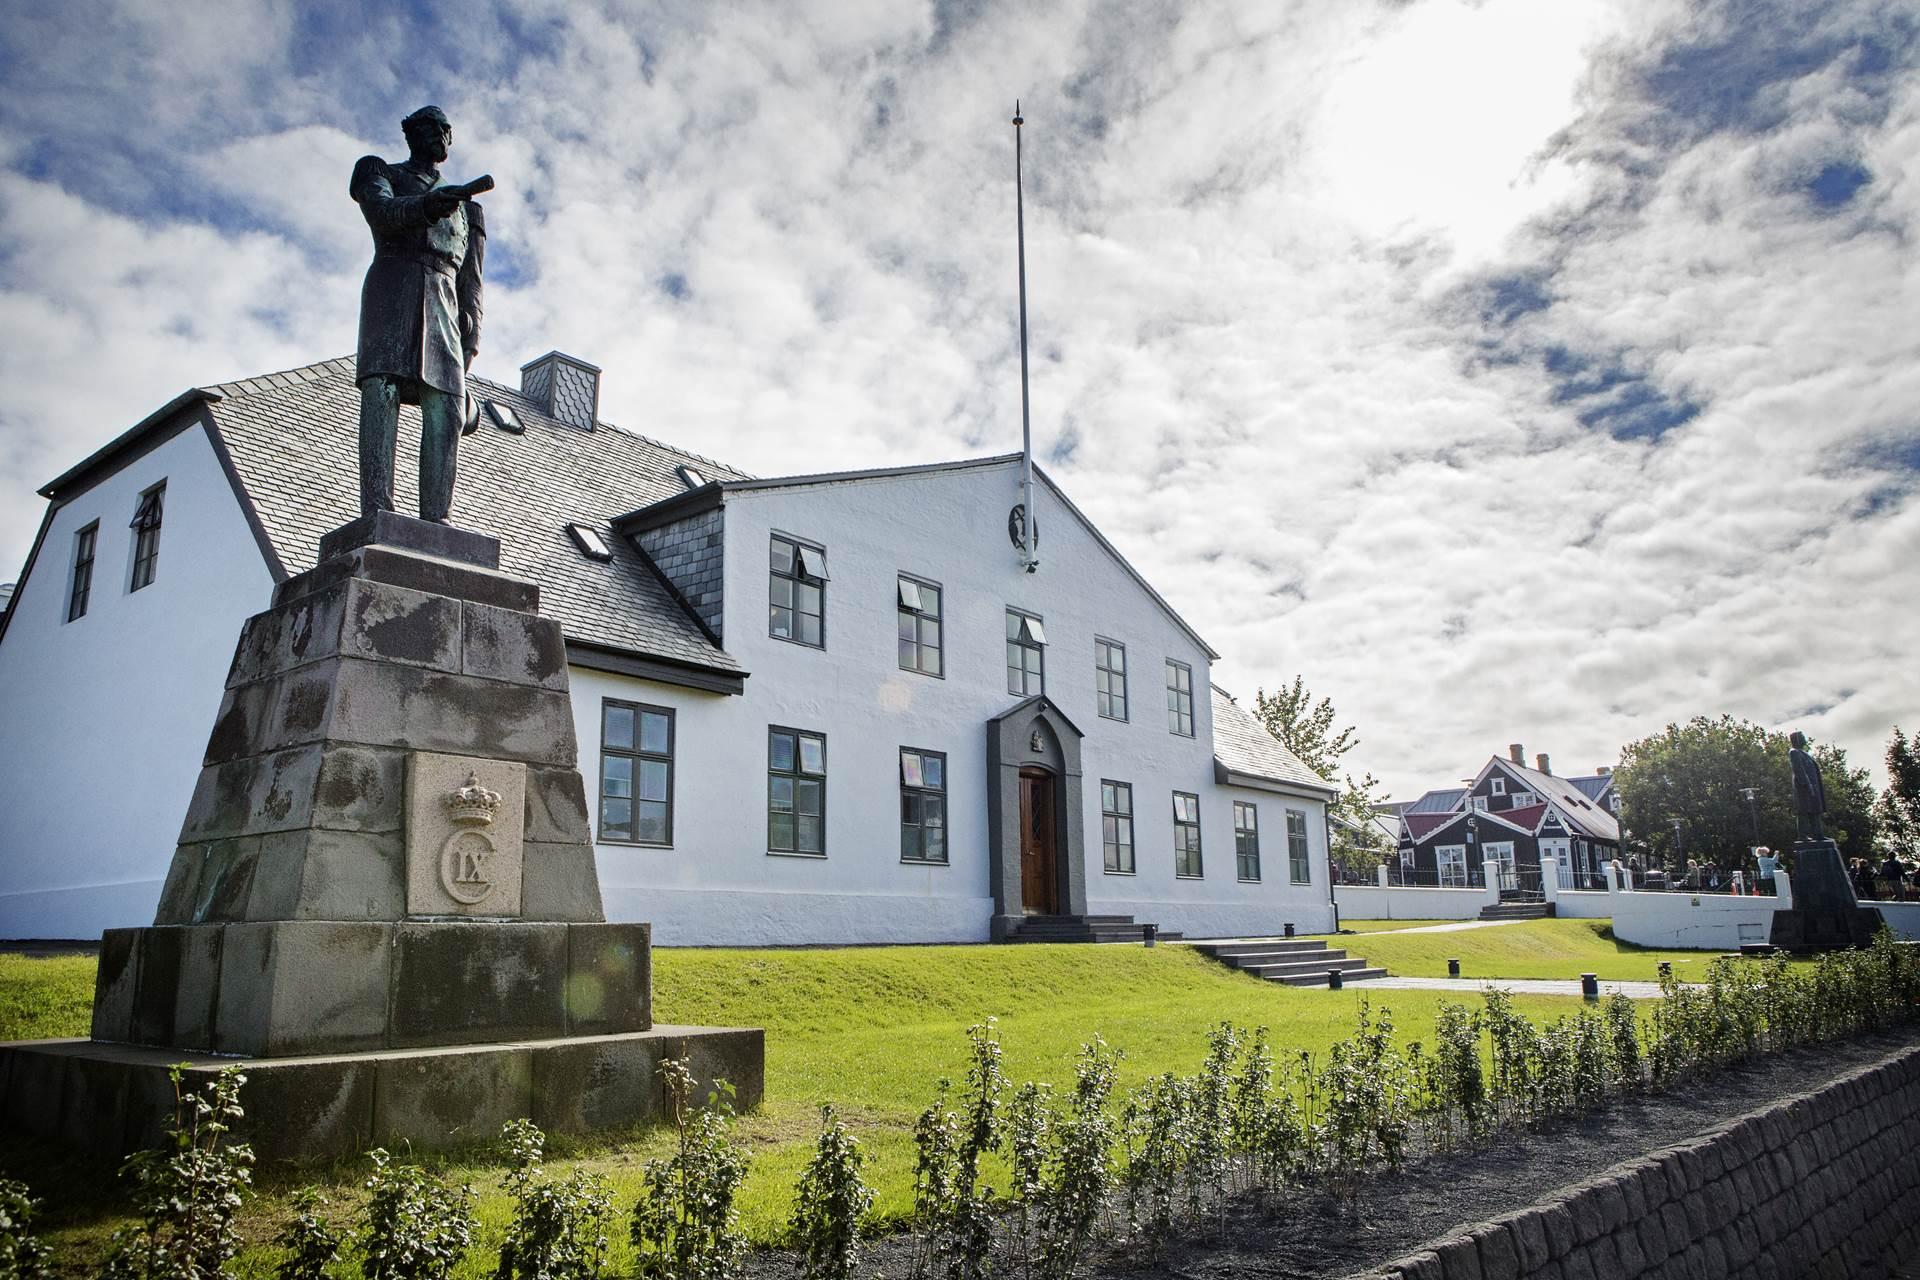 Tilboðsmarkaður 2. nóvember 2020 með greiðslumark í mjólk